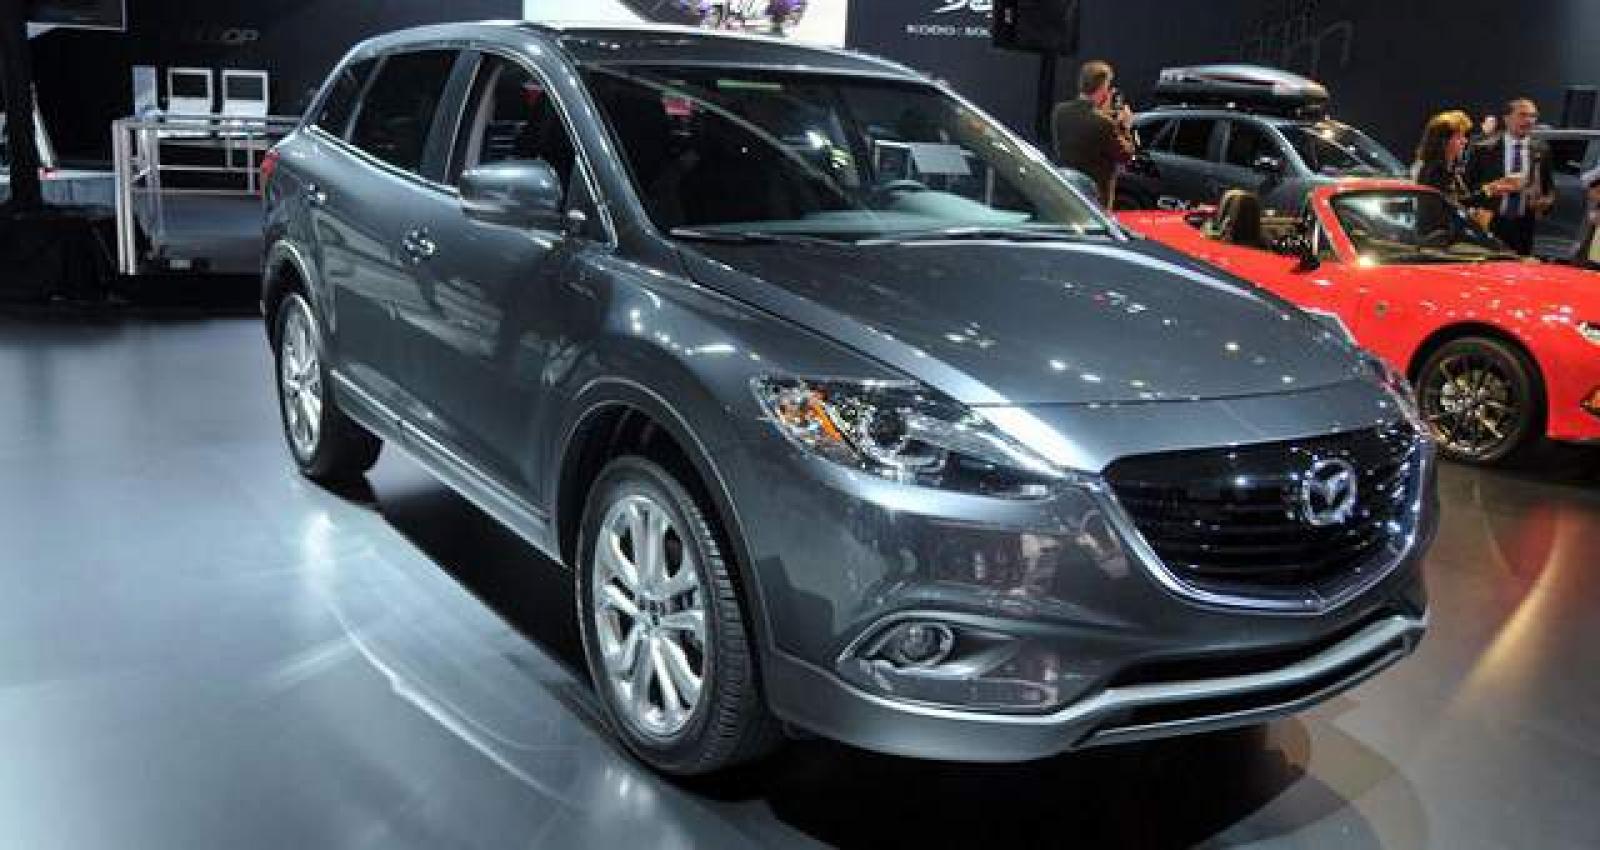 800 1024 1280 1600 Origin 2015 Mazda CX 9 ...